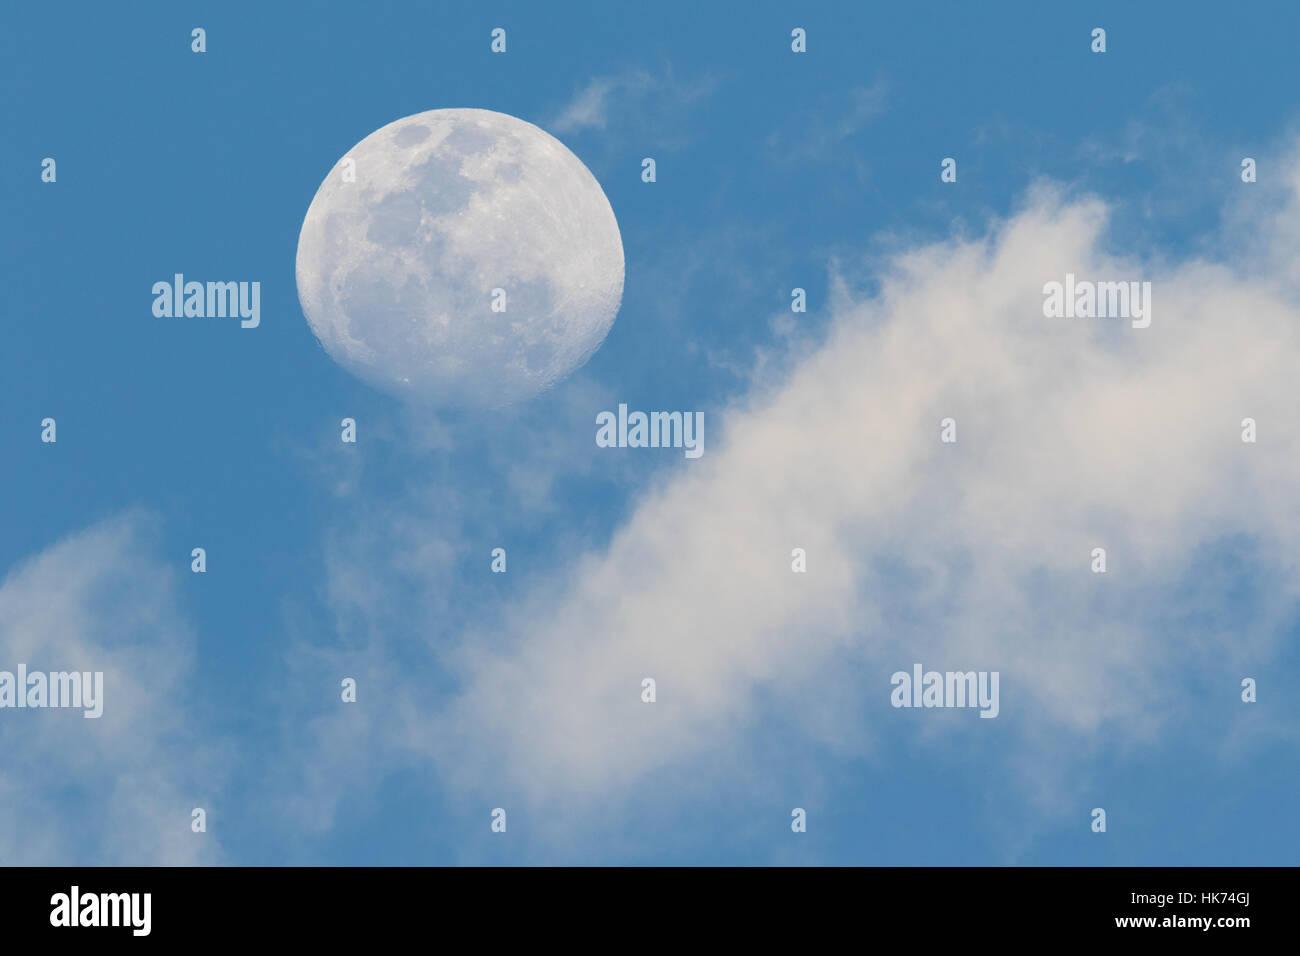 Mond und Wolken bei Tageslicht Stockbild